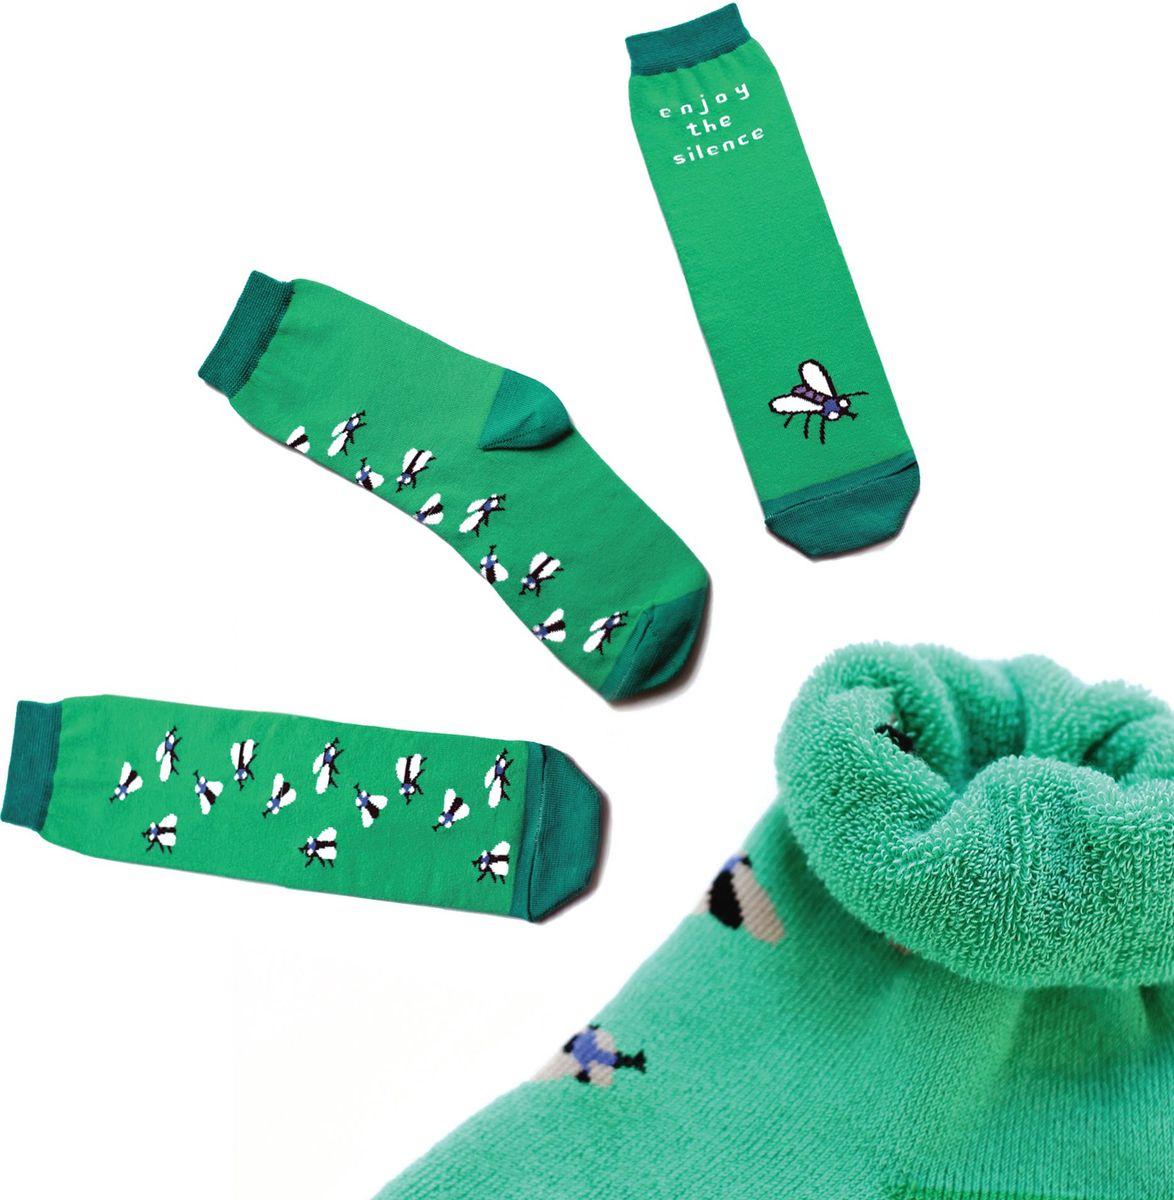 Носки детские Big Bang Socks, цвет: зеленый. ca1413. Размер 30/34ca1413Яркие носки Big Bang Socks изготовлены из высококачественного хлопка с добавлением полиамидных и эластановых волокон, которые обеспечивают великолепную посадку. Носки отличаются ярким стильным дизайном. Они оформлены изображением насекомых и надписью enjoy the silence (наслаждайся тишиной).